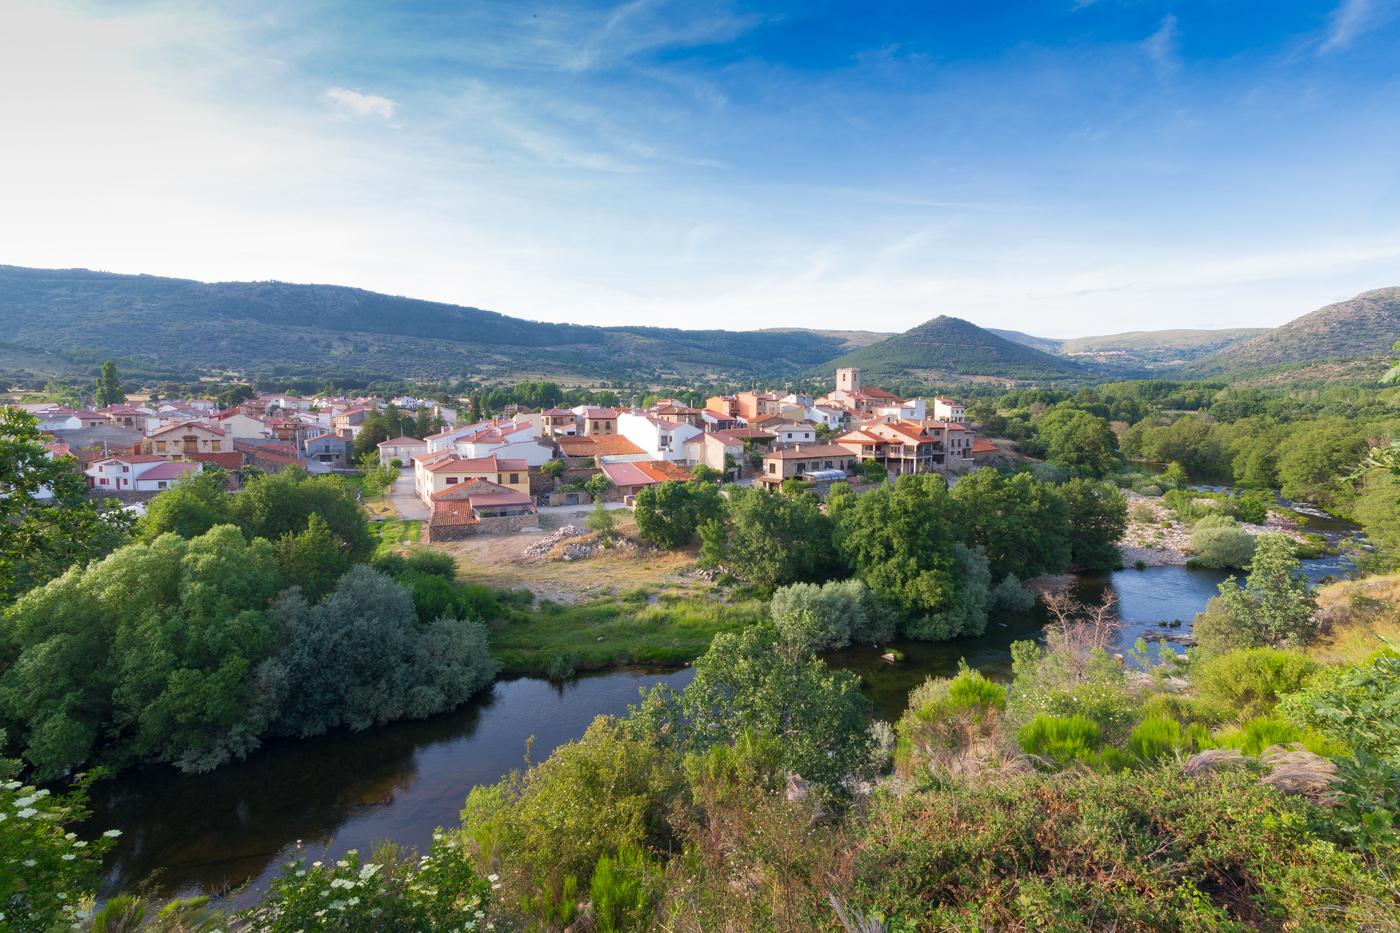 Aliseda de Tormes, casas Rurales El PInta